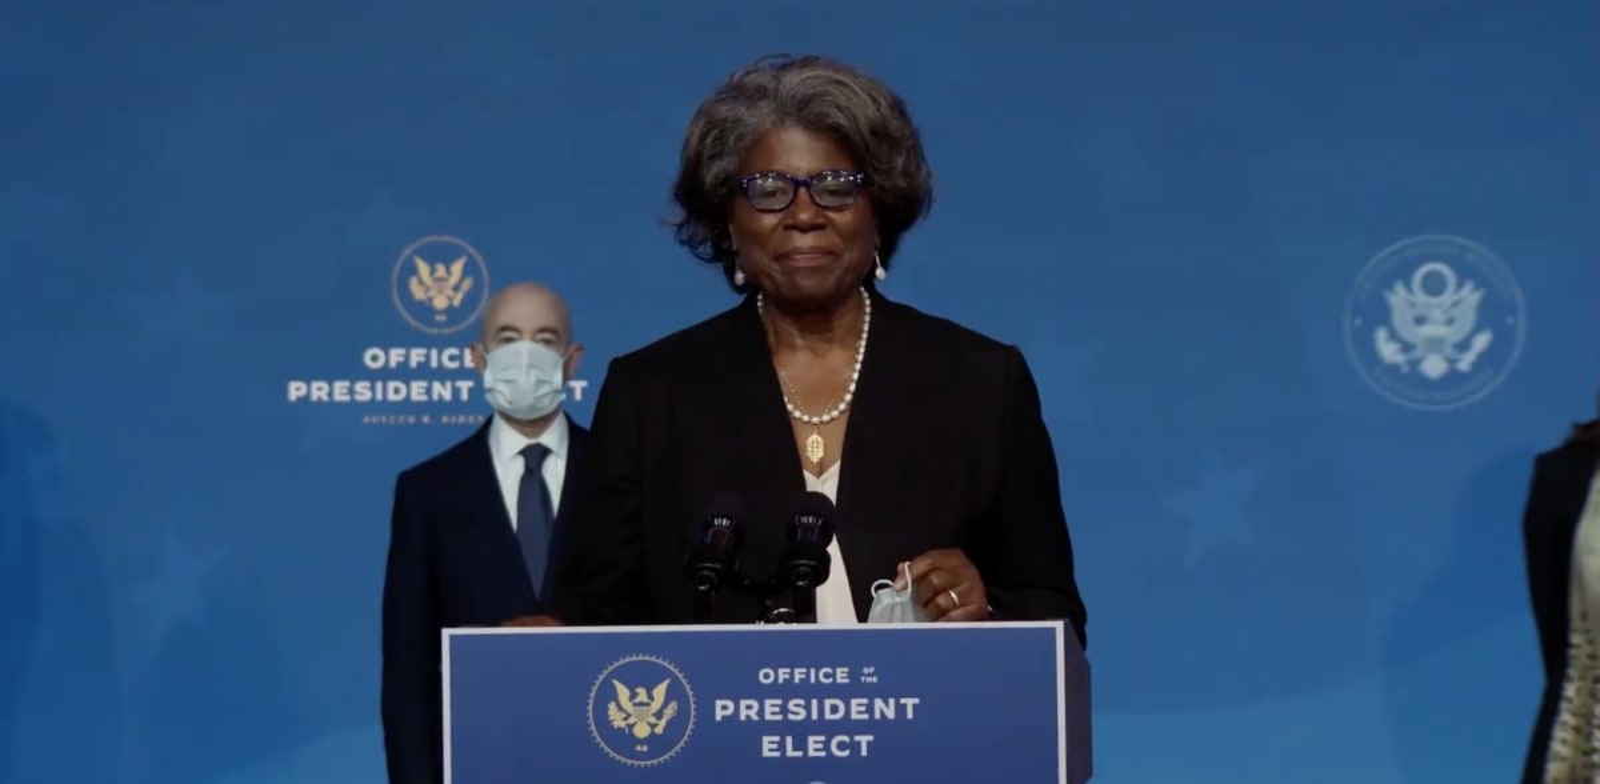 """לינדה תומס־גרינפילד, השגרירה החדשה של ארה""""ב באו""""ם. רגע של אופוריה / צילום: Reuters, Sipa USA"""